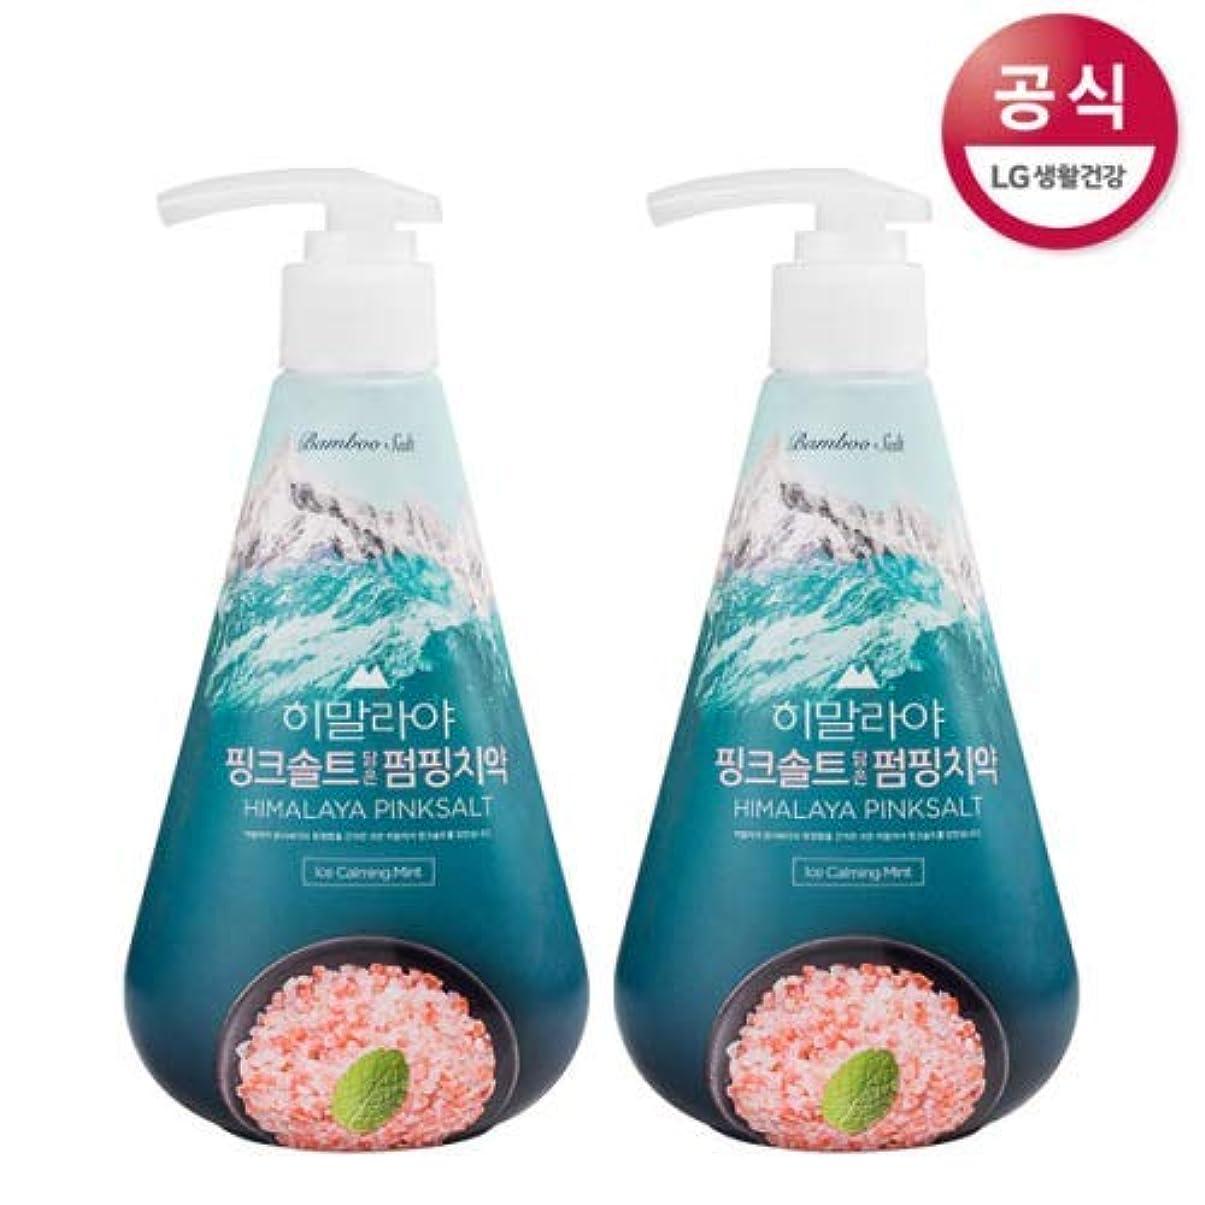 主流遺棄された詳細な[LG Care/LG生活健康]ヒマラヤピンクソルトポンピング歯磨き粉アイスカミングミント285gx2個/歯磨きセットスペシャル?リミテッドToothpaste Set Special Limited Korea(海外直送品)